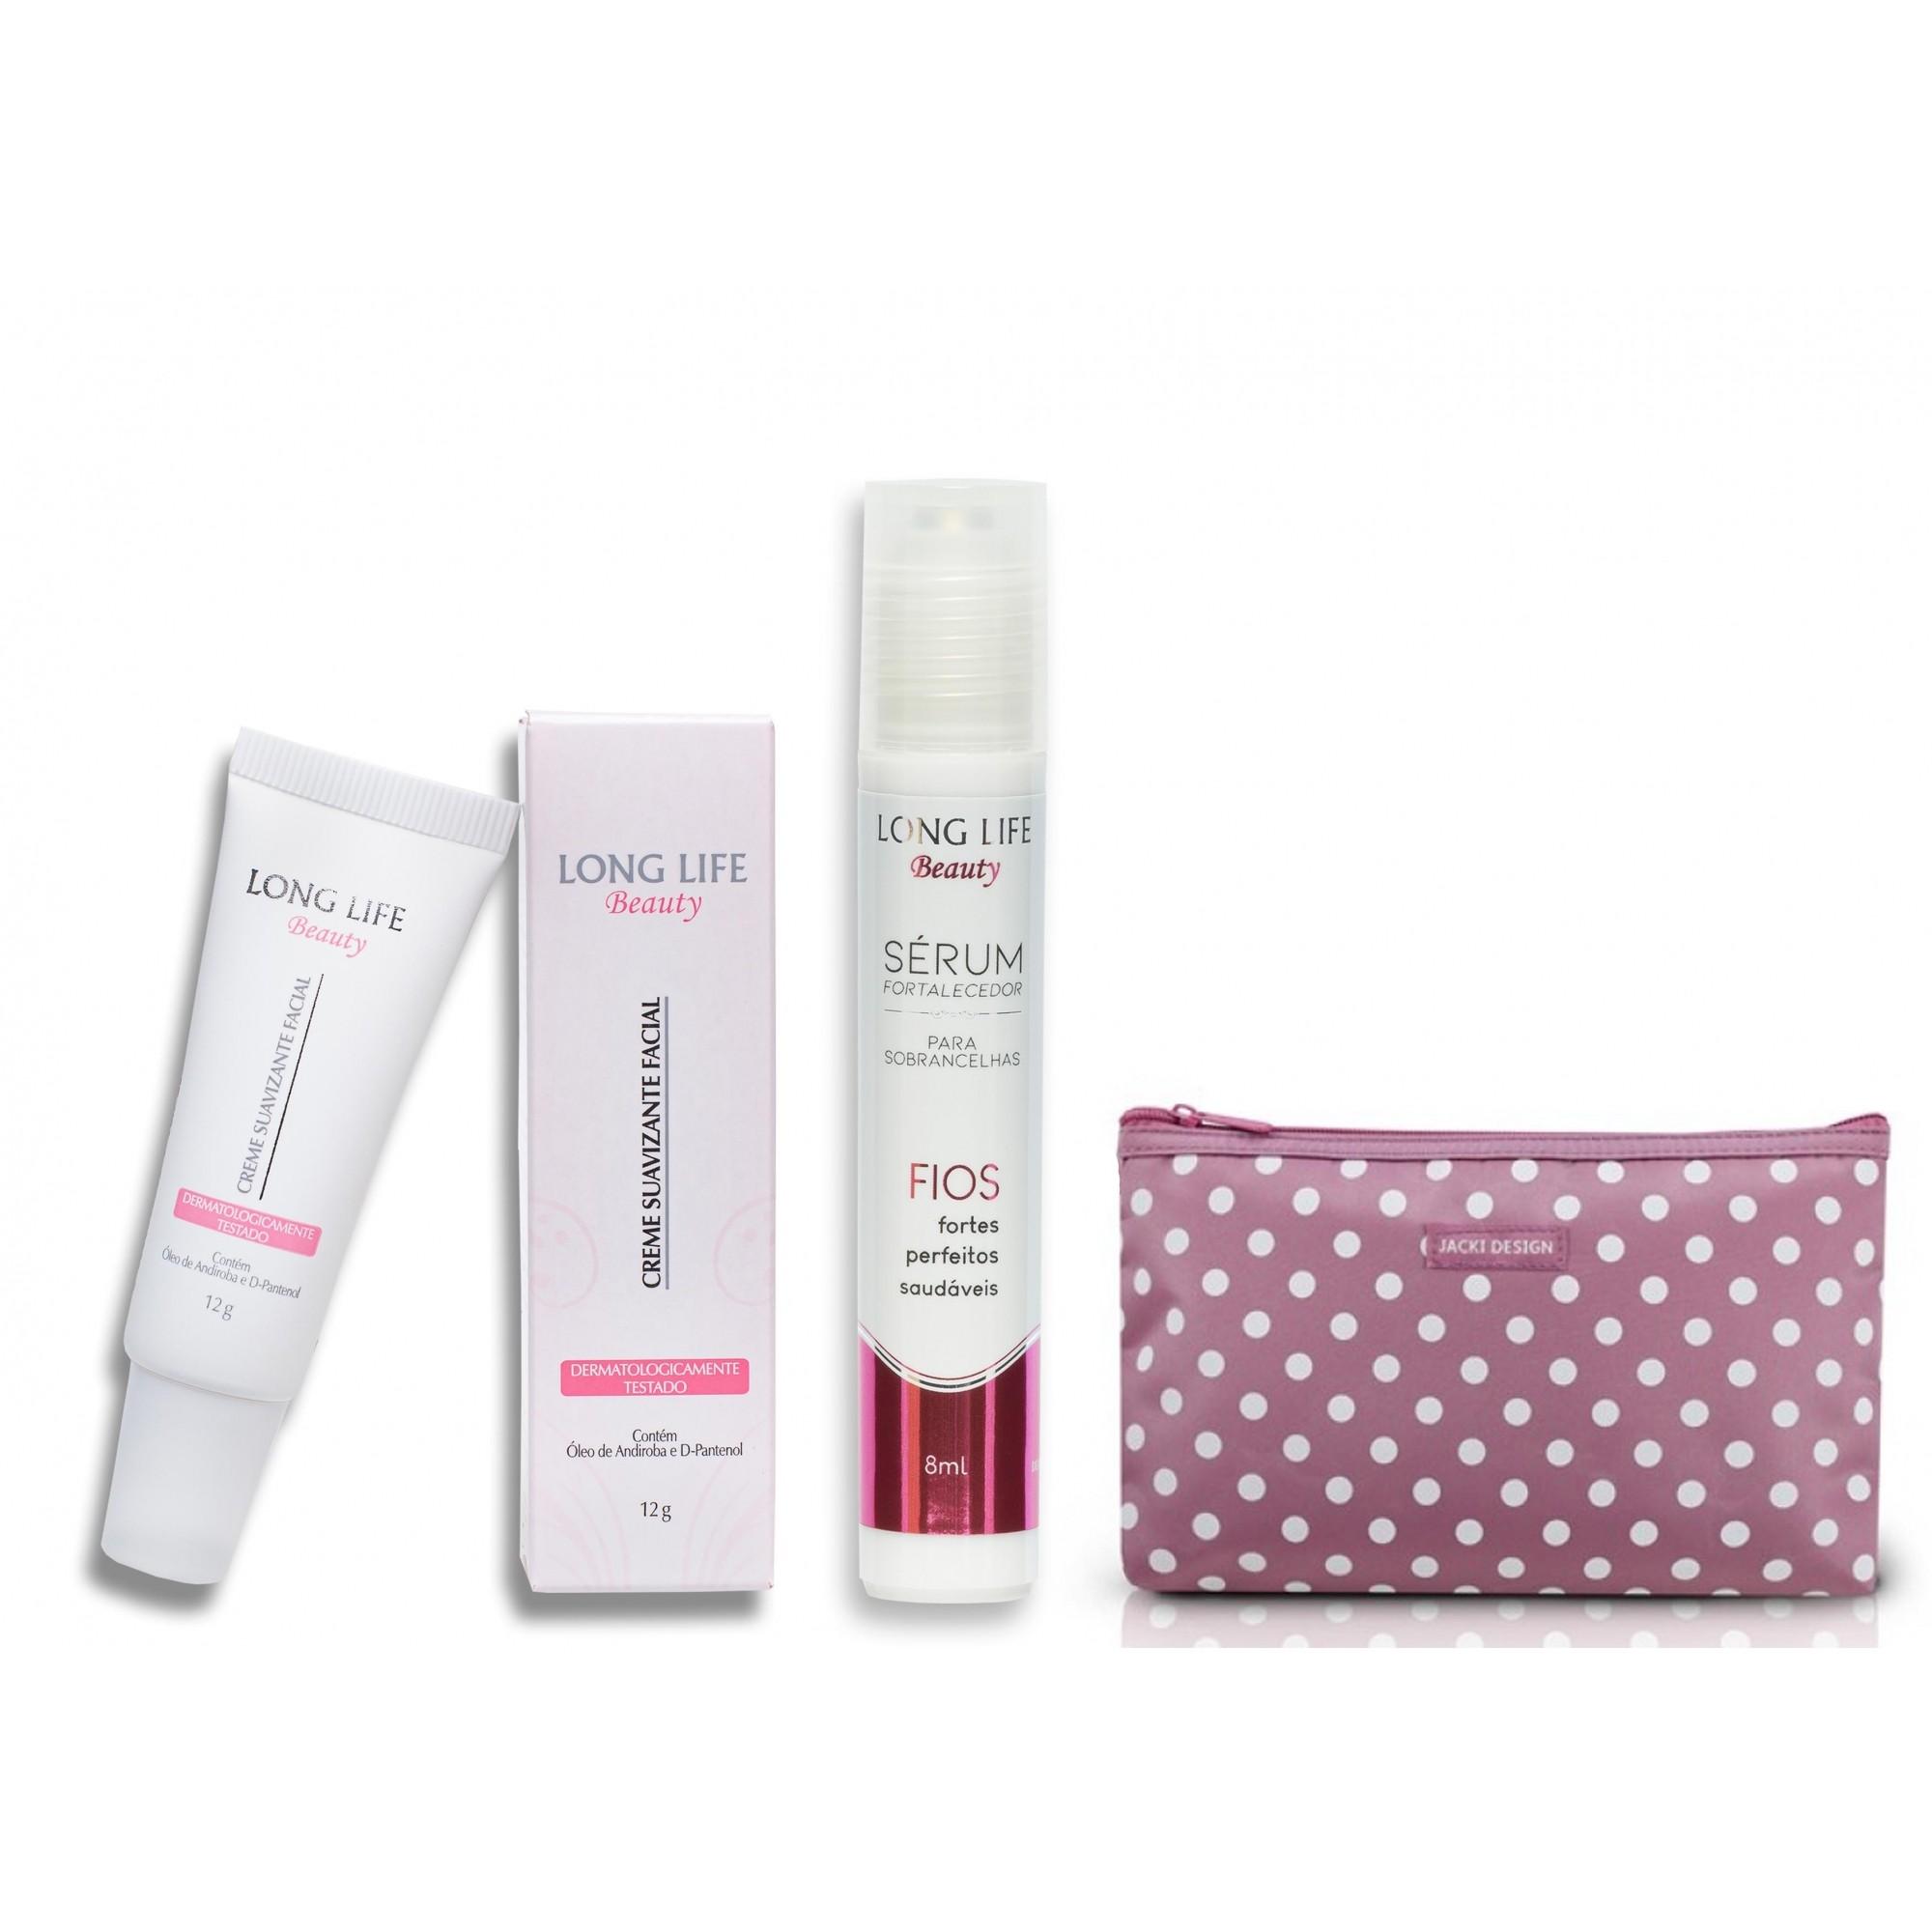 Kit Sobrancelhas - Creme Suavizante Facial Beauty 12 g + Sérum Fortalecedor para Crescer Sobrancelha 8 ml